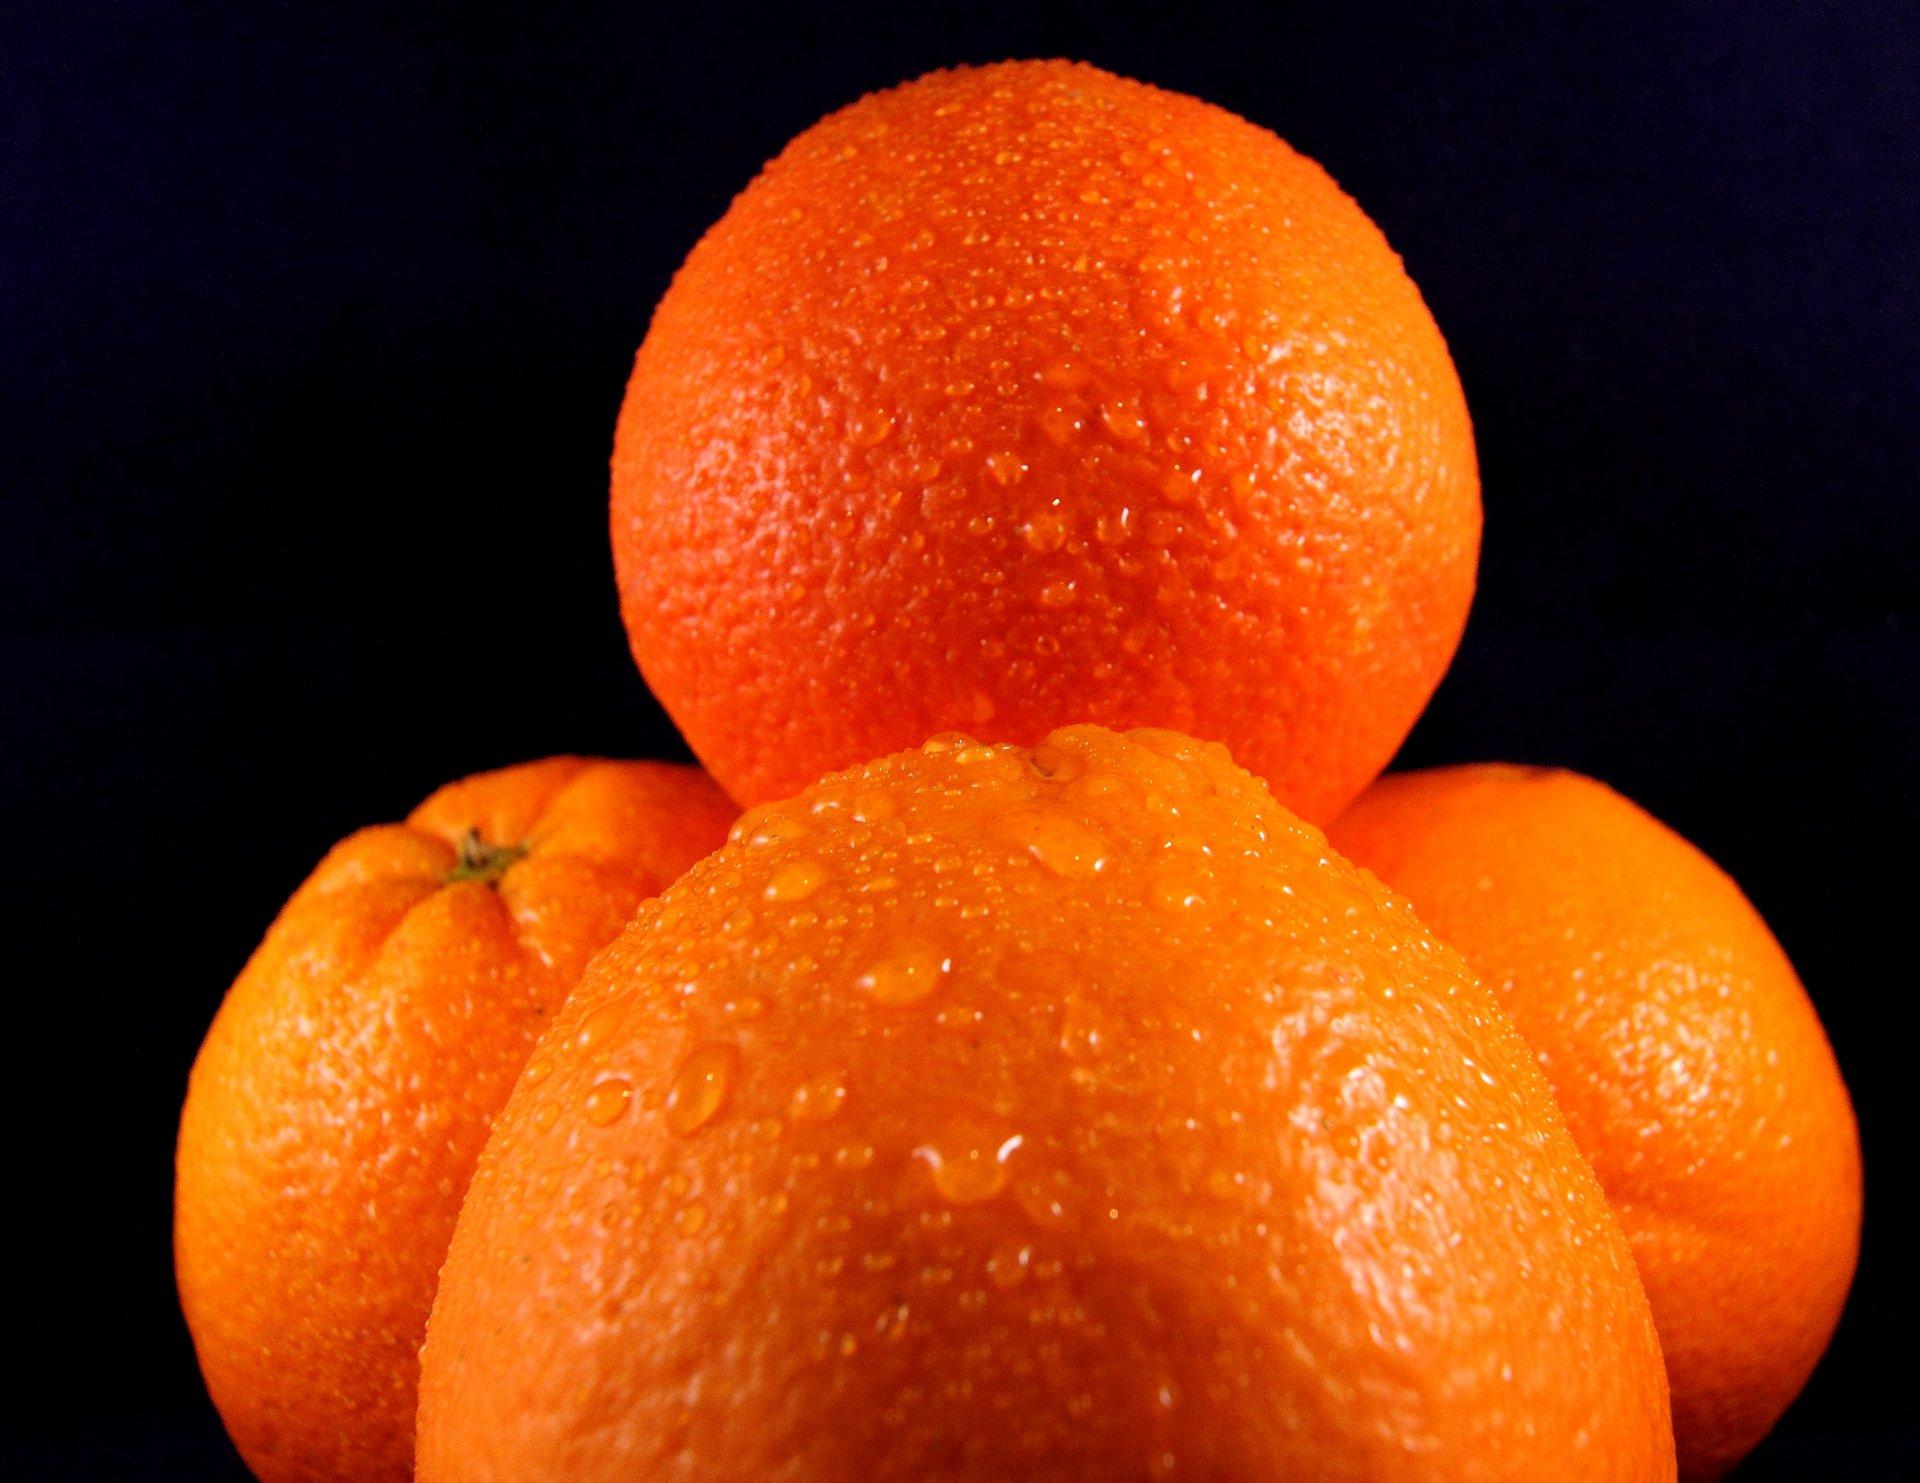 оранжевые картинки на телефон обои основном